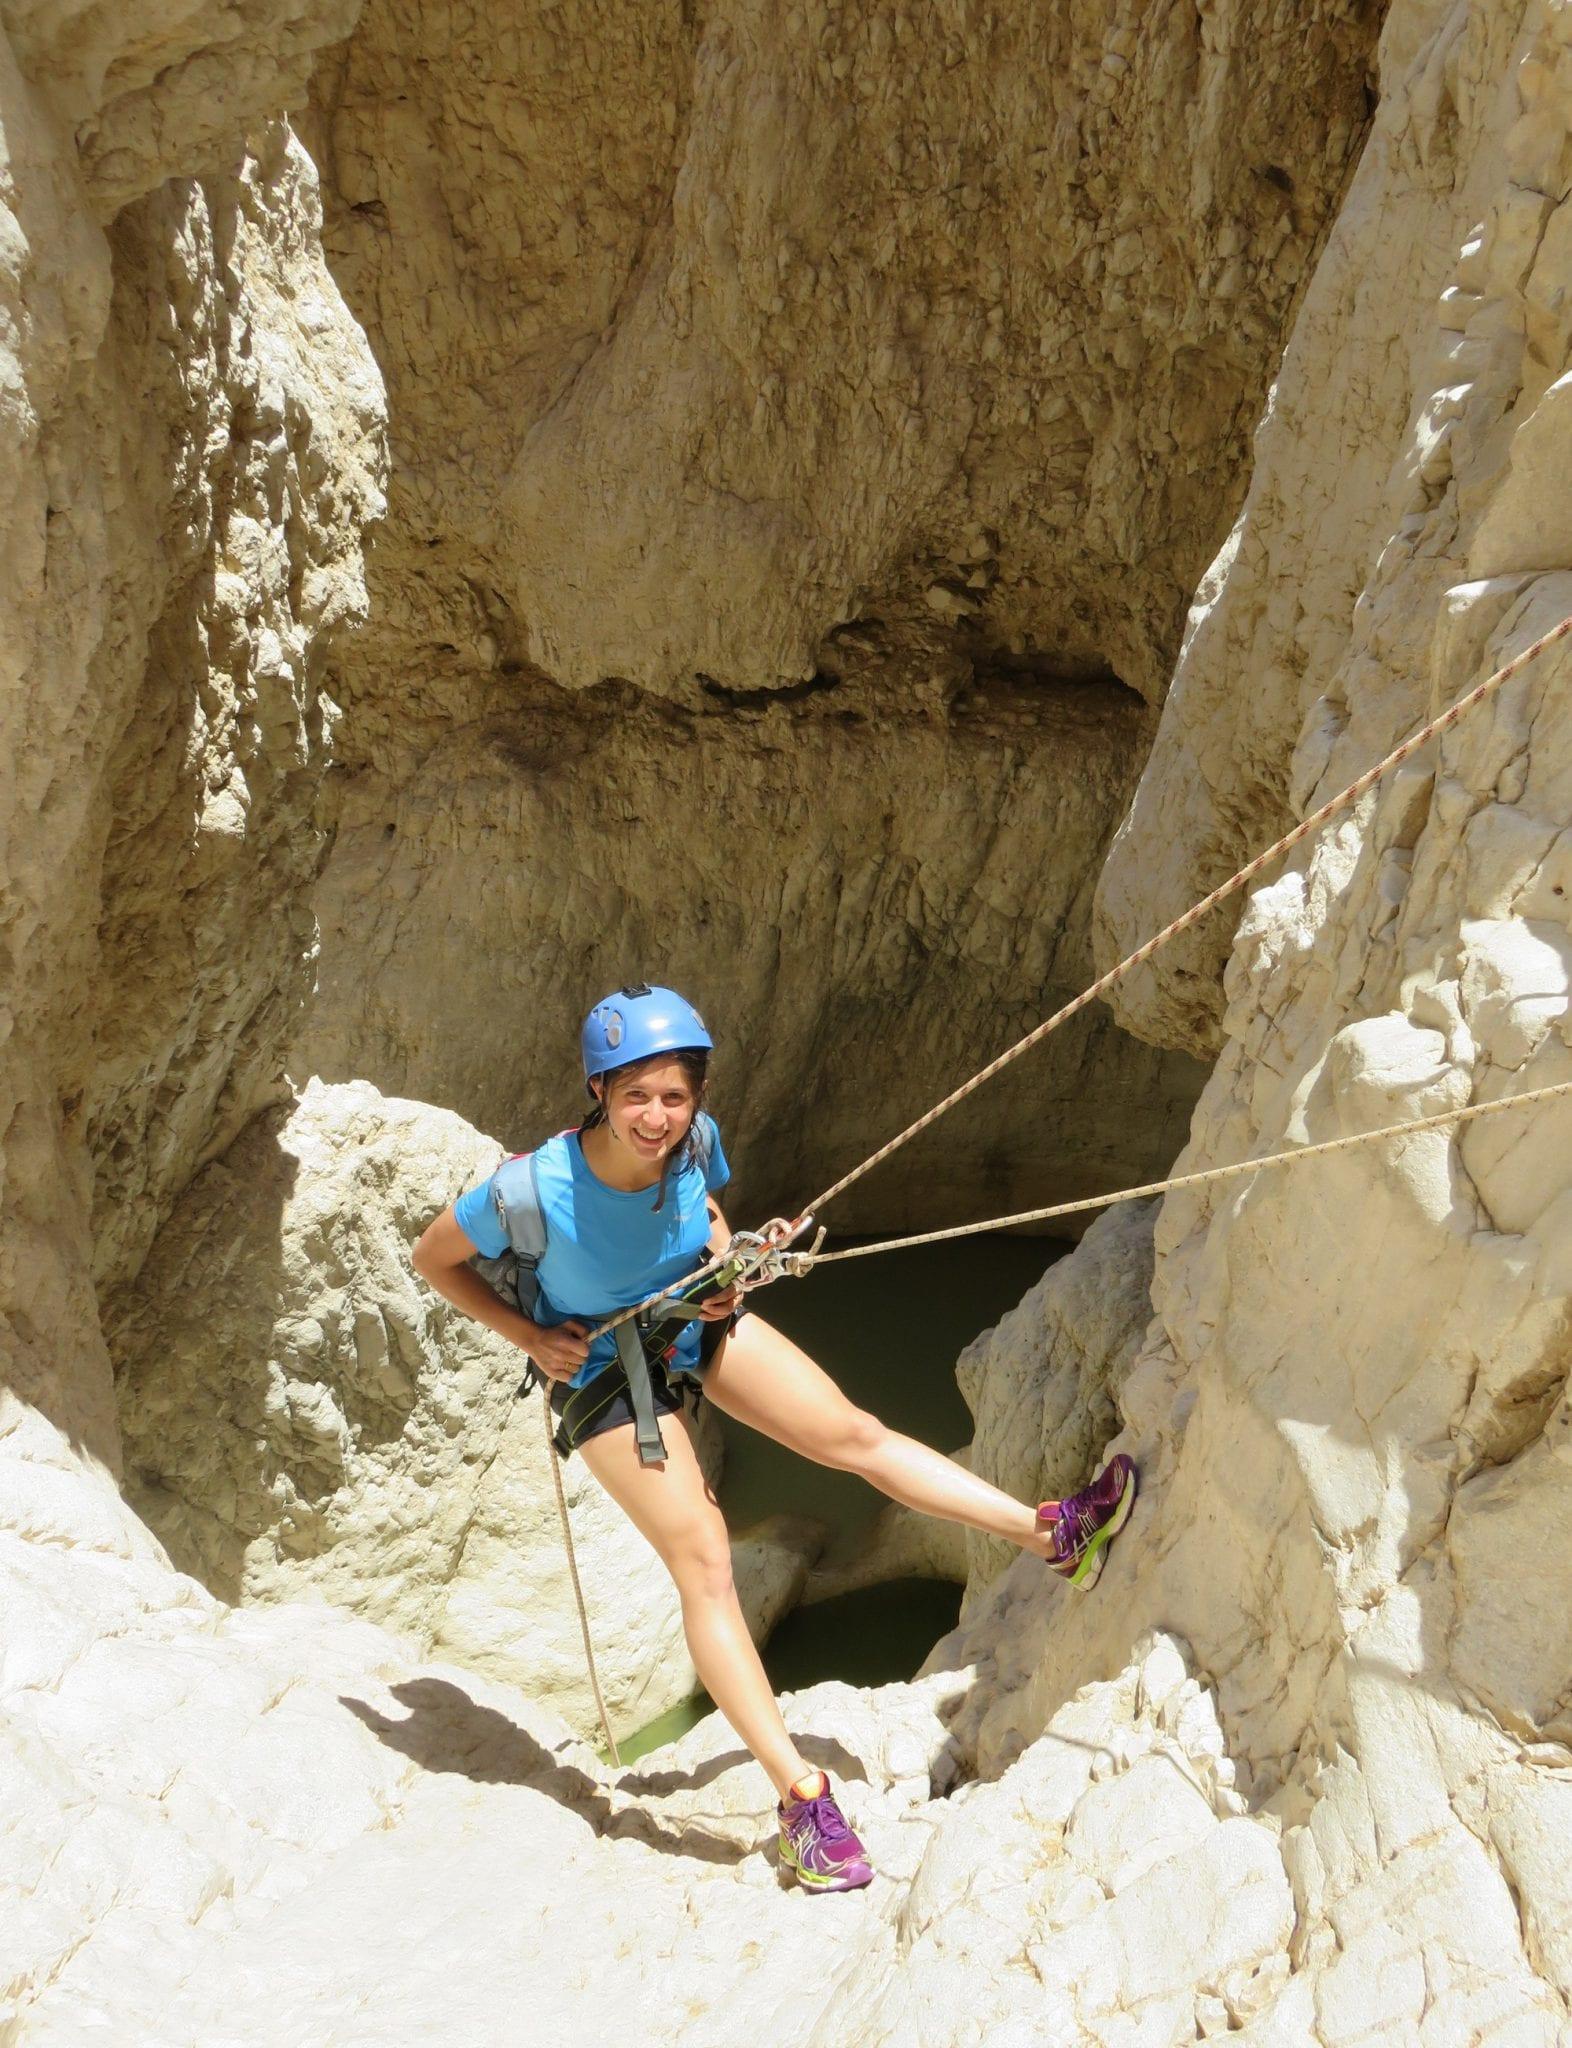 סנפלינג מפל 15 מטרים רחף תחתון - ערוצים בטבע